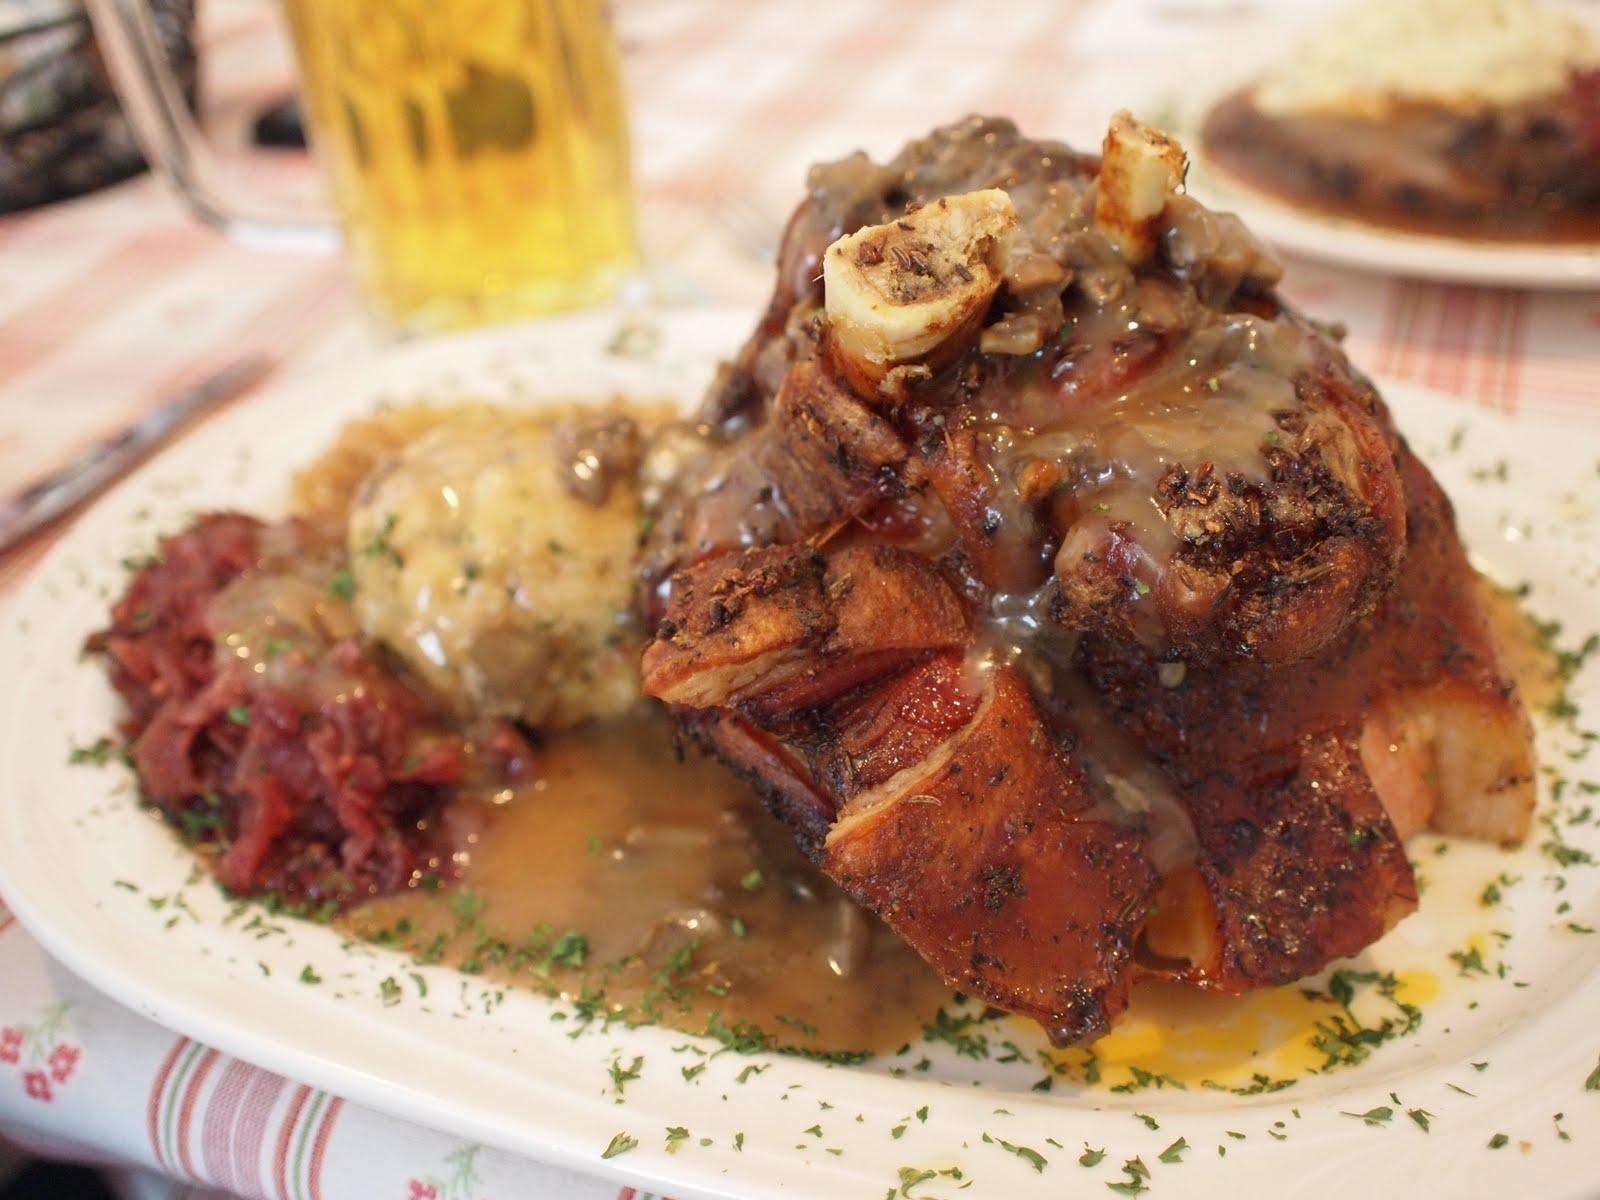 Schmankerl S Bavarian Restaurant In Hagerstown Md